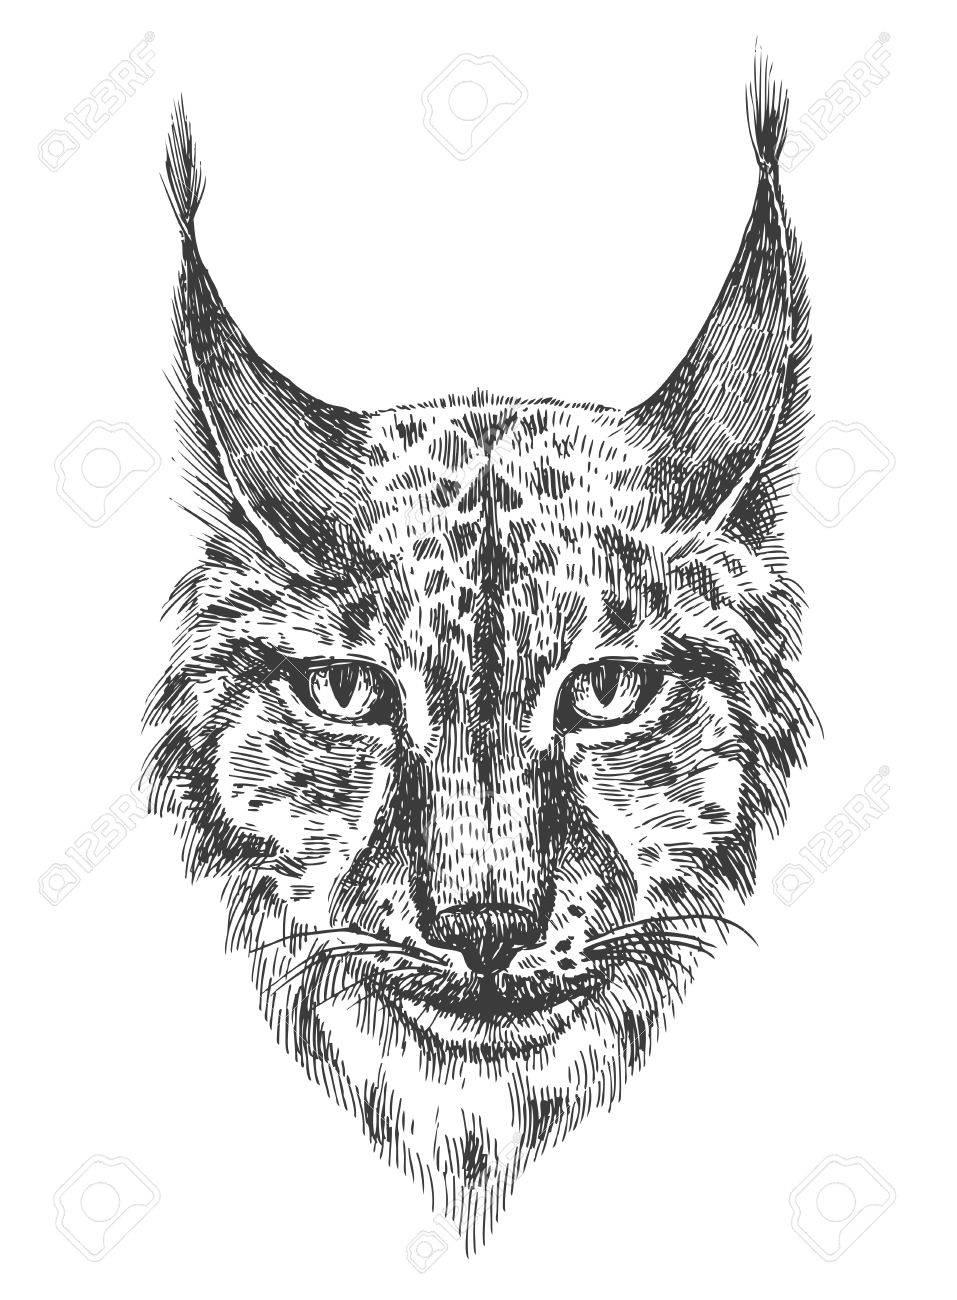 Chef Du Beau Lynx Illustration En Noir Et Blanc Avec Tete De Chat Sauvage Aux Dents Nues Dessin Dessine A La Main Peinture A L Encre Element De Conception Utile Pour L Impression Pour